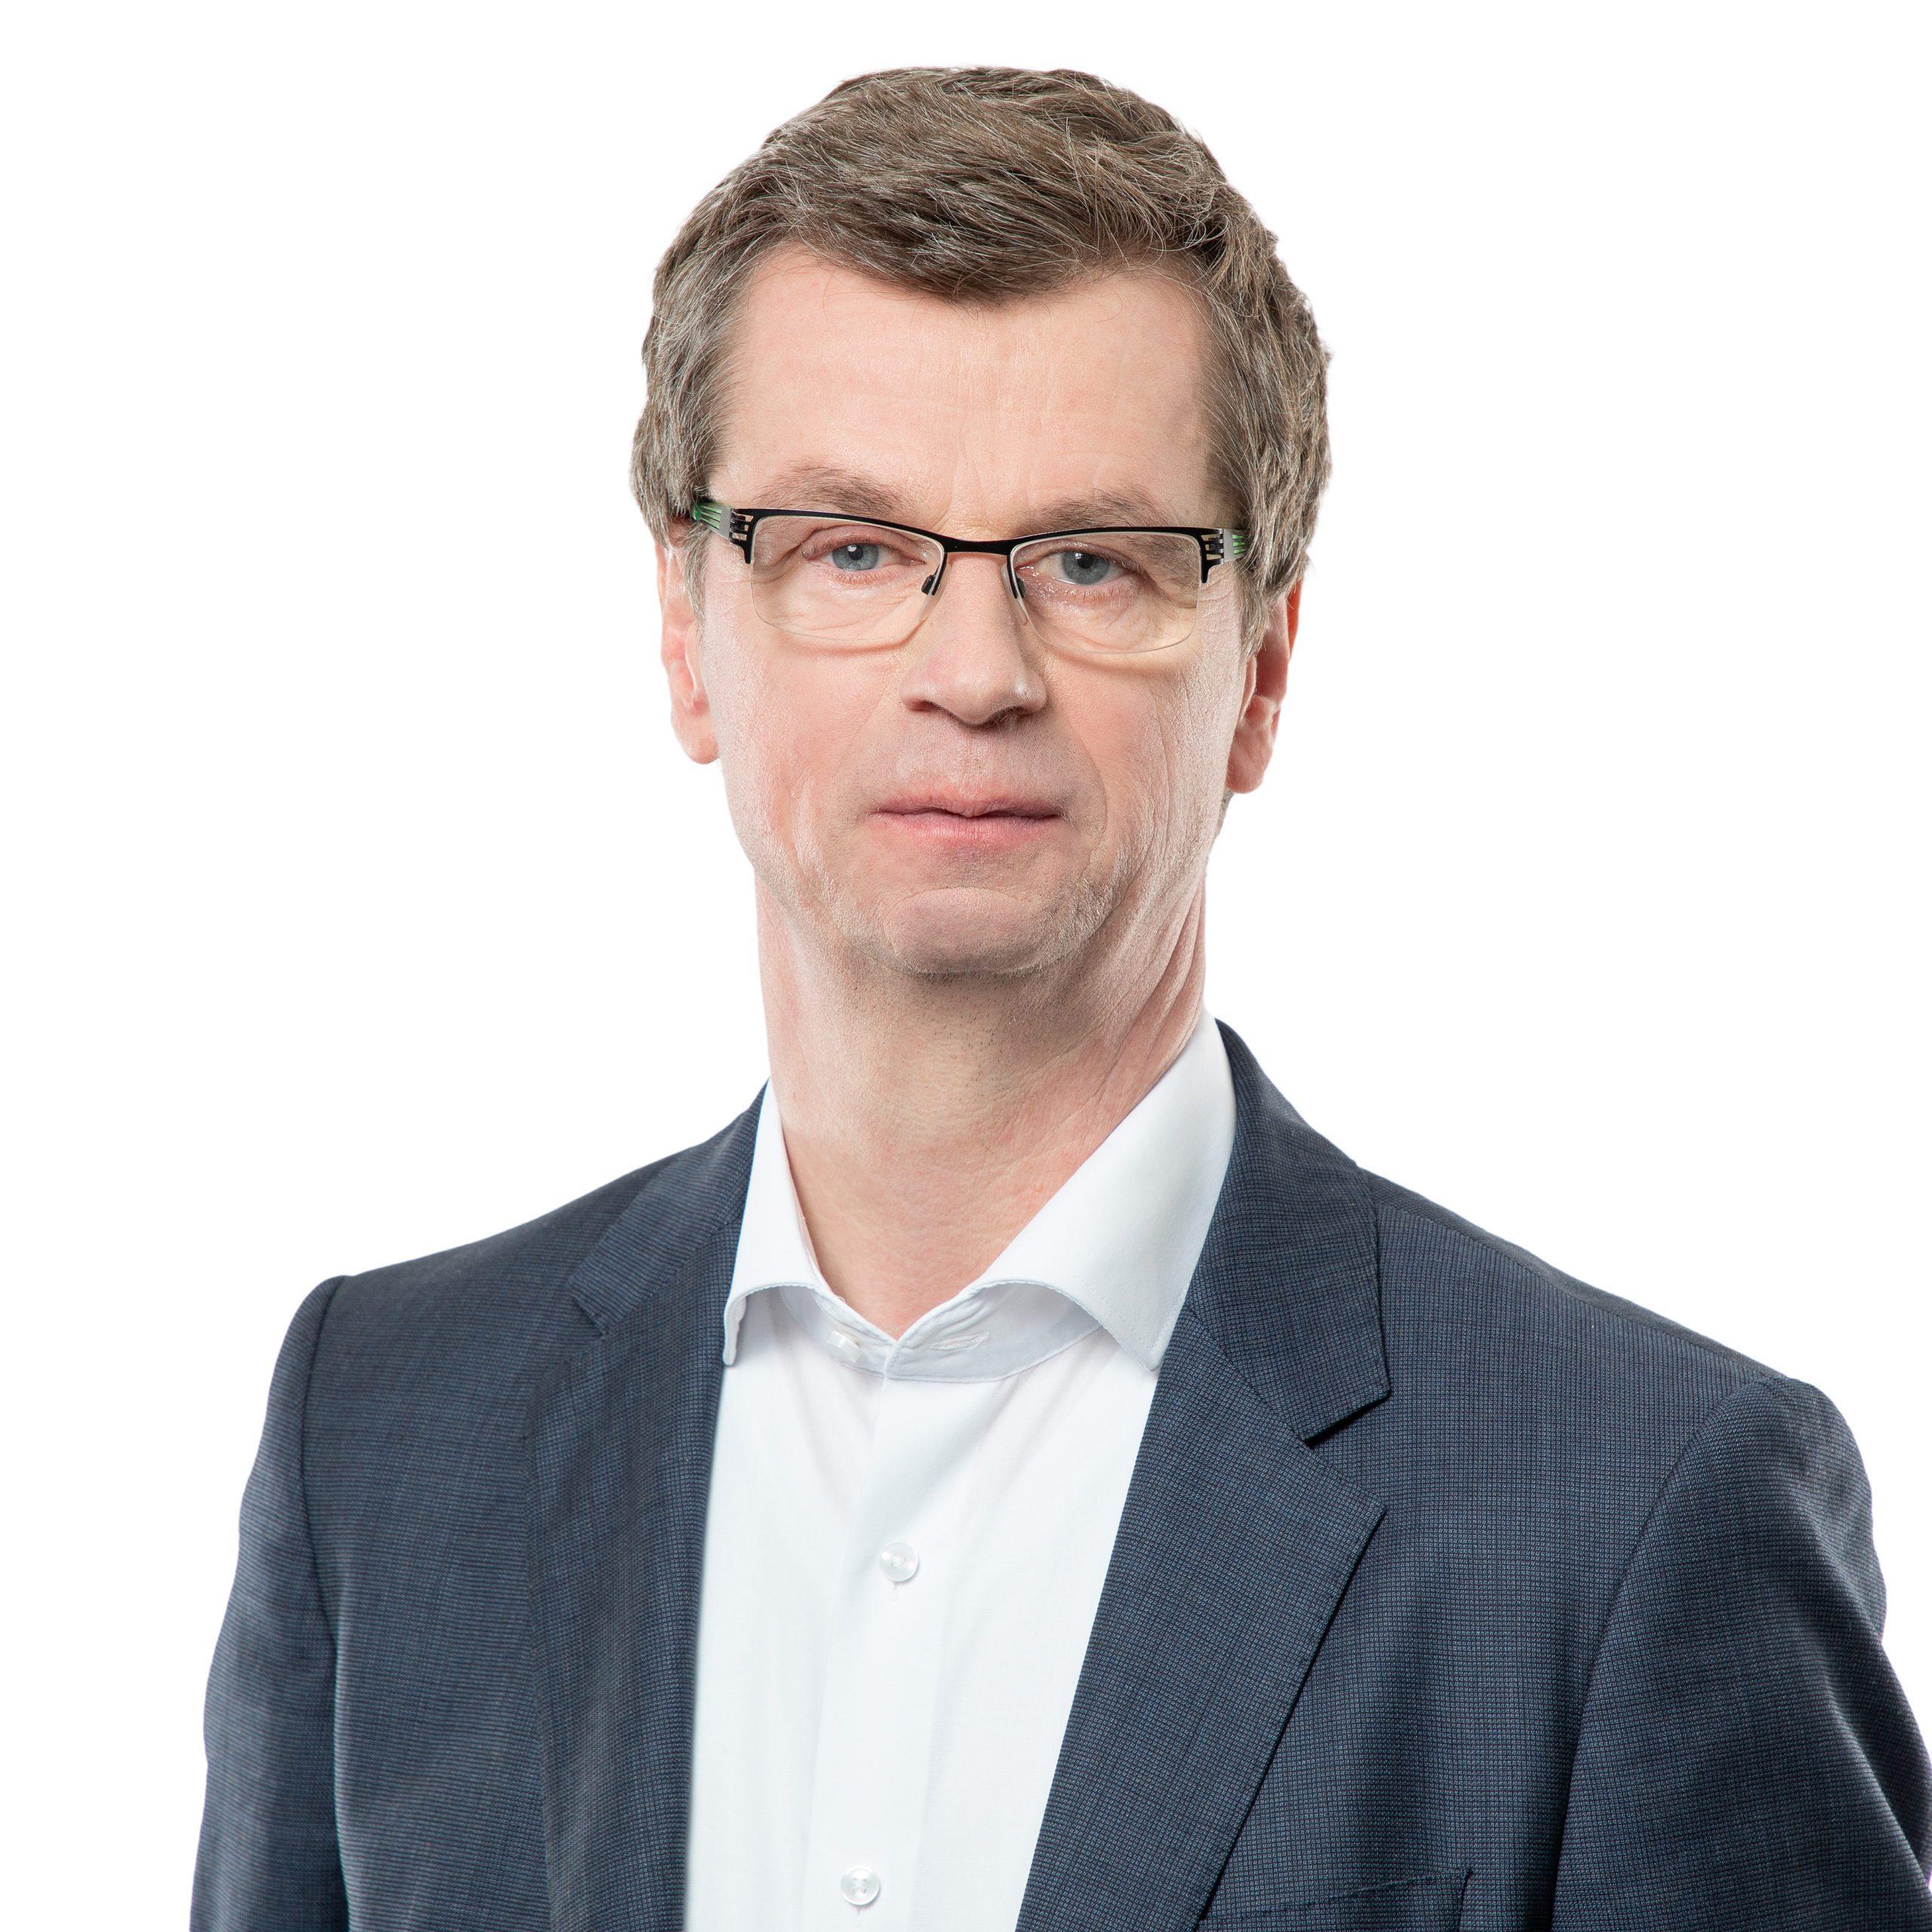 Georg Kretschmeier